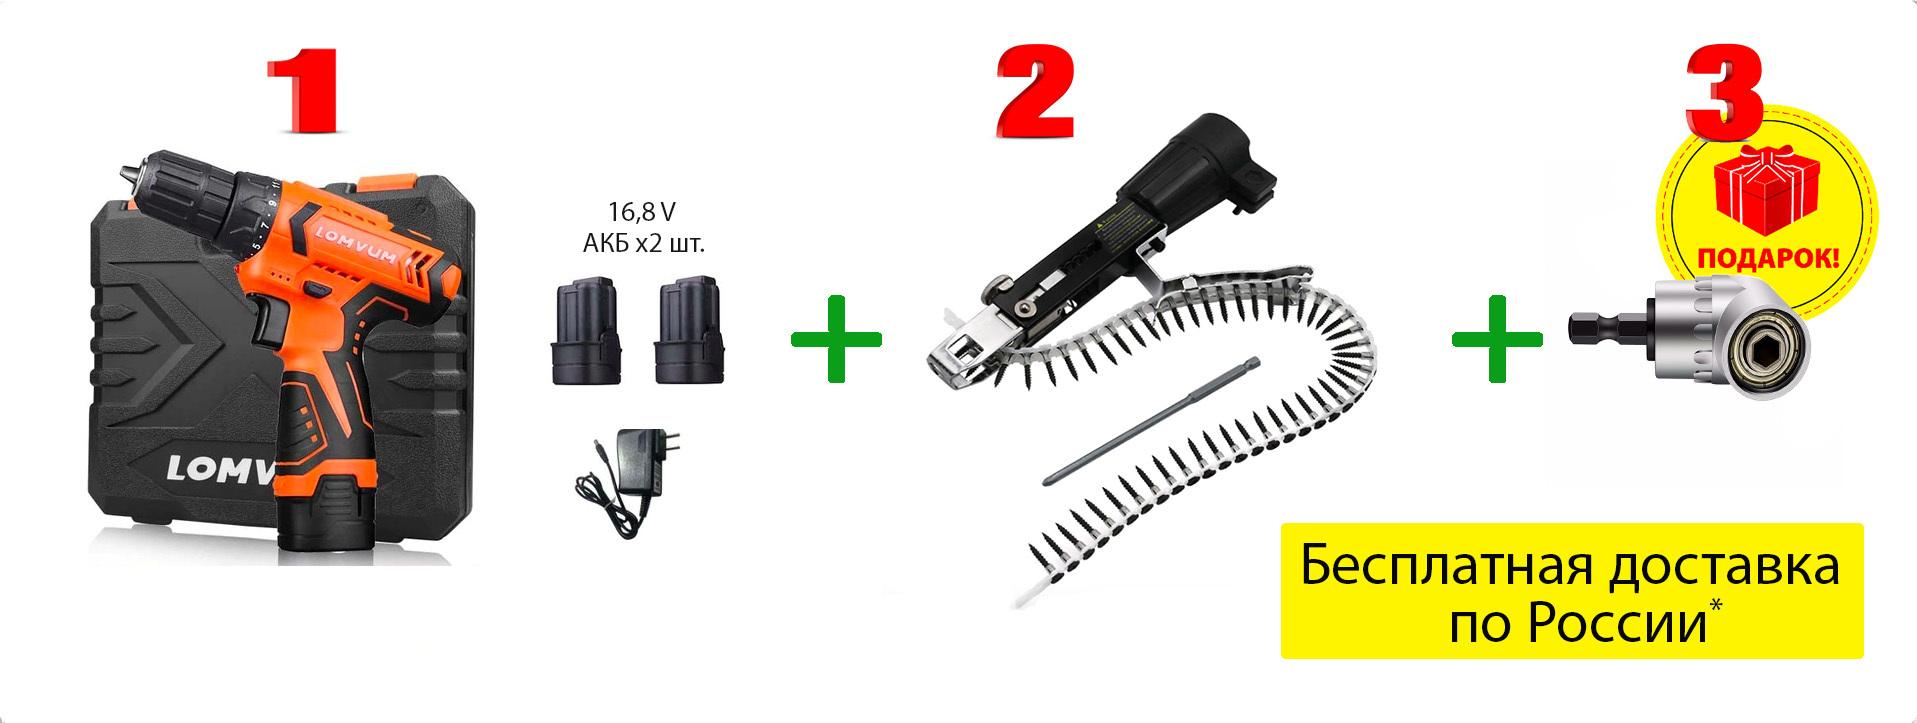 Акция Шуруповерт LOMVUM 16,8В (АКБ 16,8 В - 2 шт., Кейс) + Адаптер для ленты с саморезами + адаптер угловой патрон комплект_шурик4.jpg